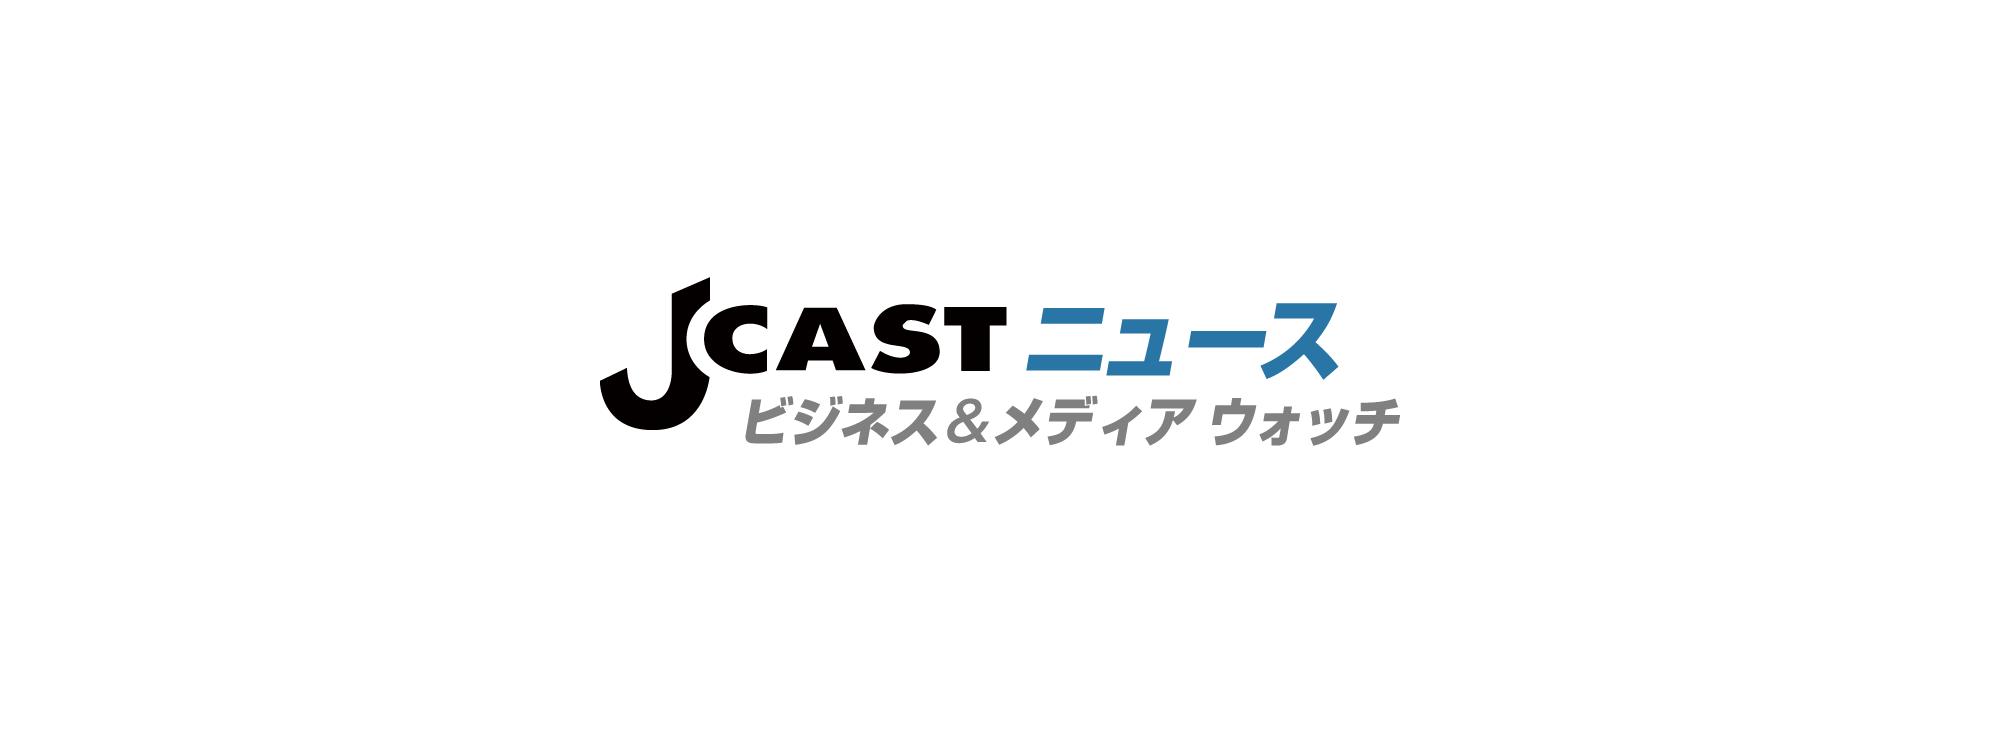 大阪府内でクマ出没相次ぐ 生息域拡大か : J-CASTニュース